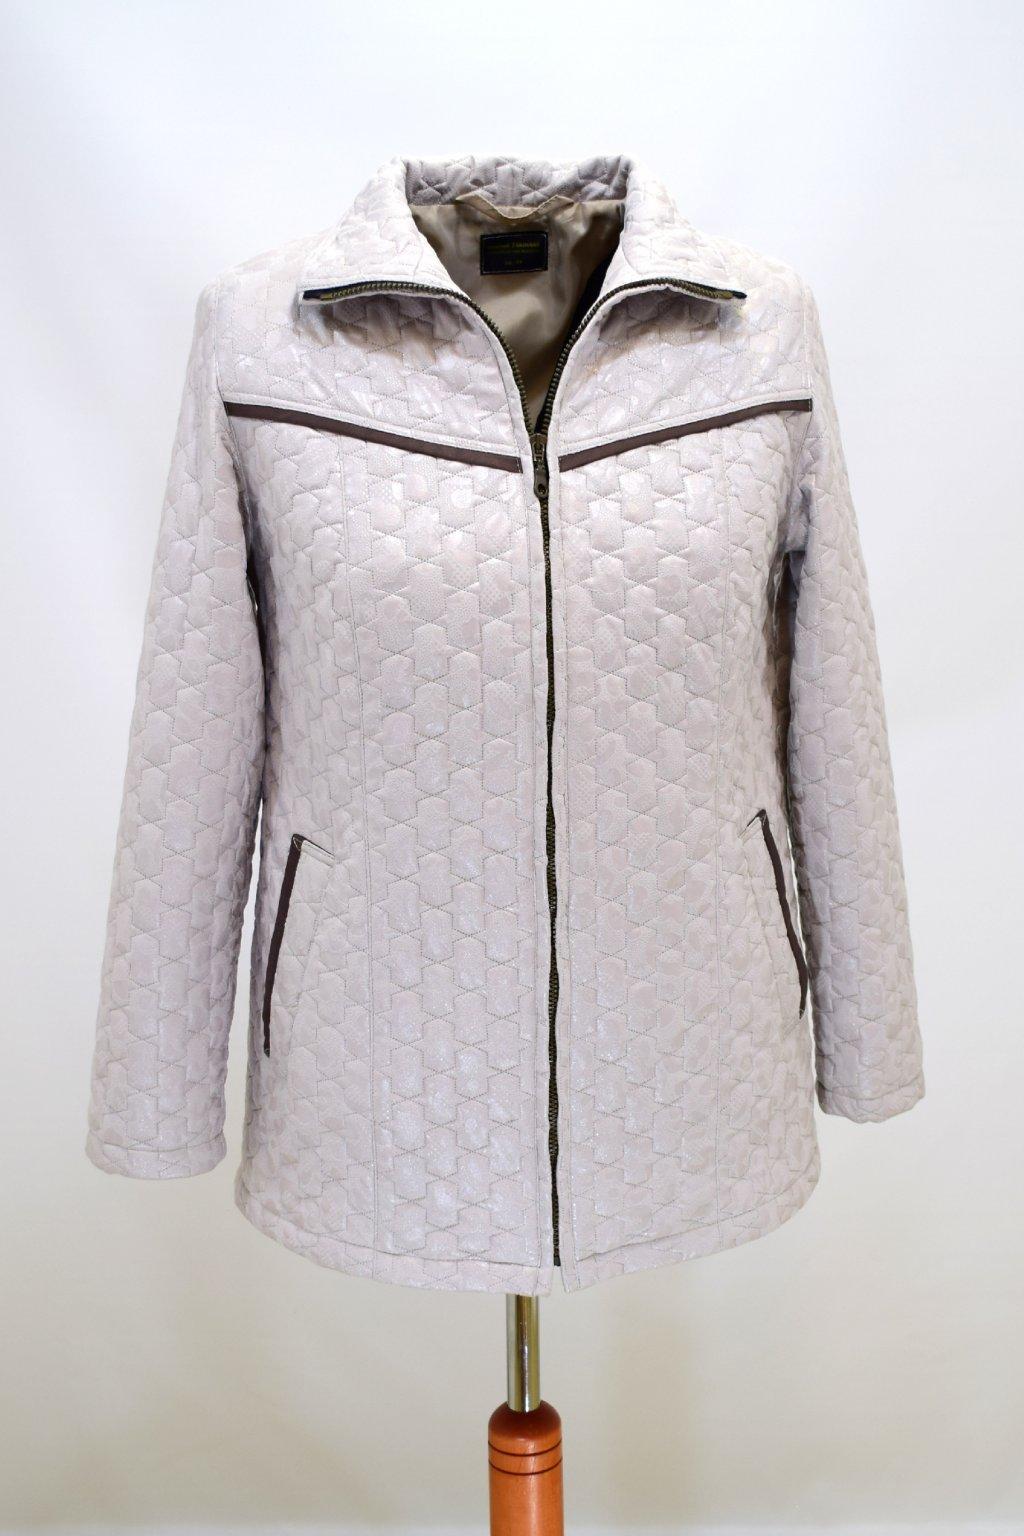 Dámská béžová přechodová bunda Rita nadměrné velikosti.